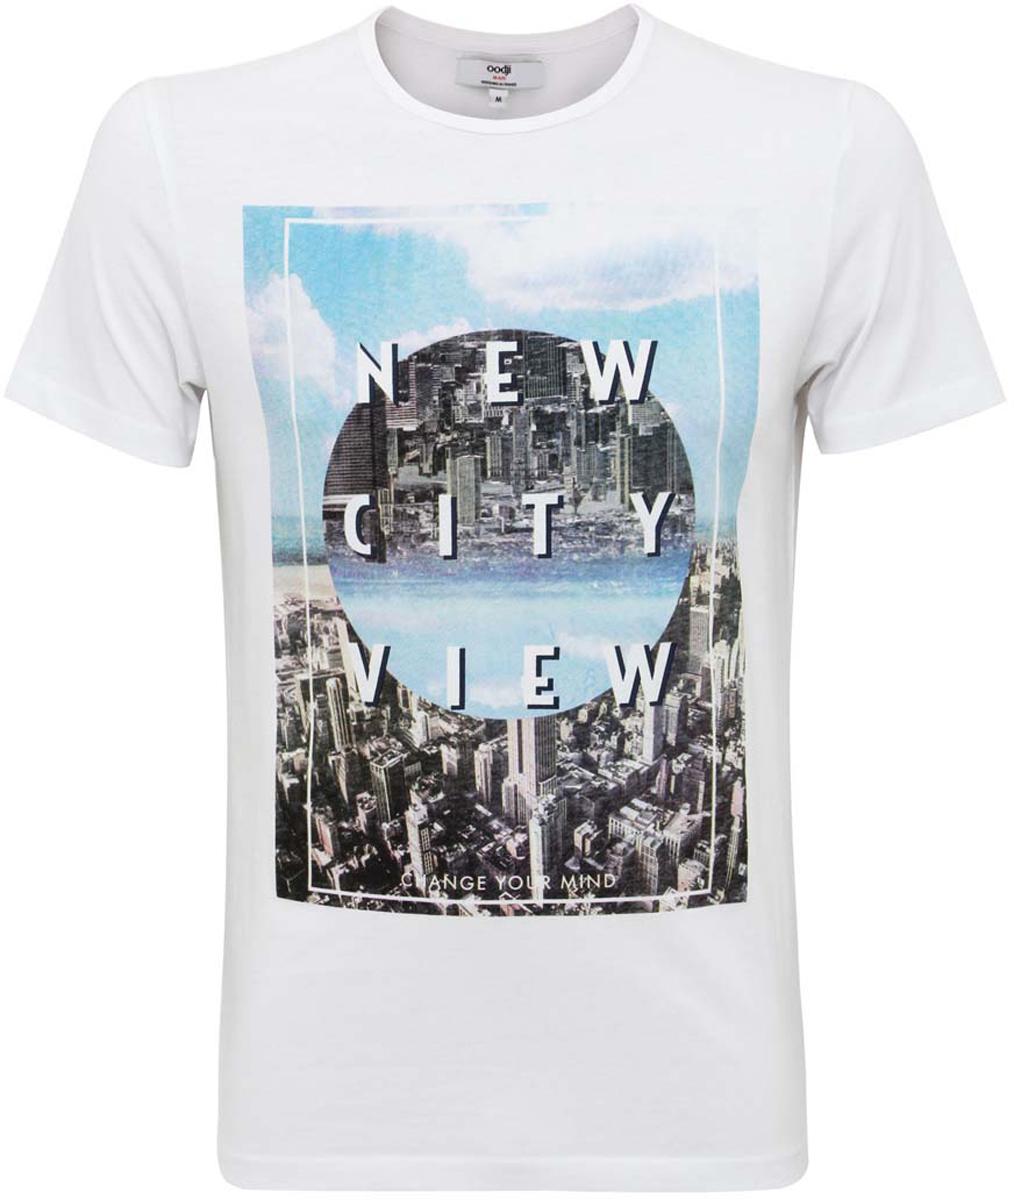 5L611262M/39485N/1070PМужская футболка oodji изготовлена из натурального высококачественного хлопка. Выполнена с круглым воротом и классическими короткими рукавами. Оформлена абстрактным принтом с изображением города, дополнена органичными надписями на английском языке.